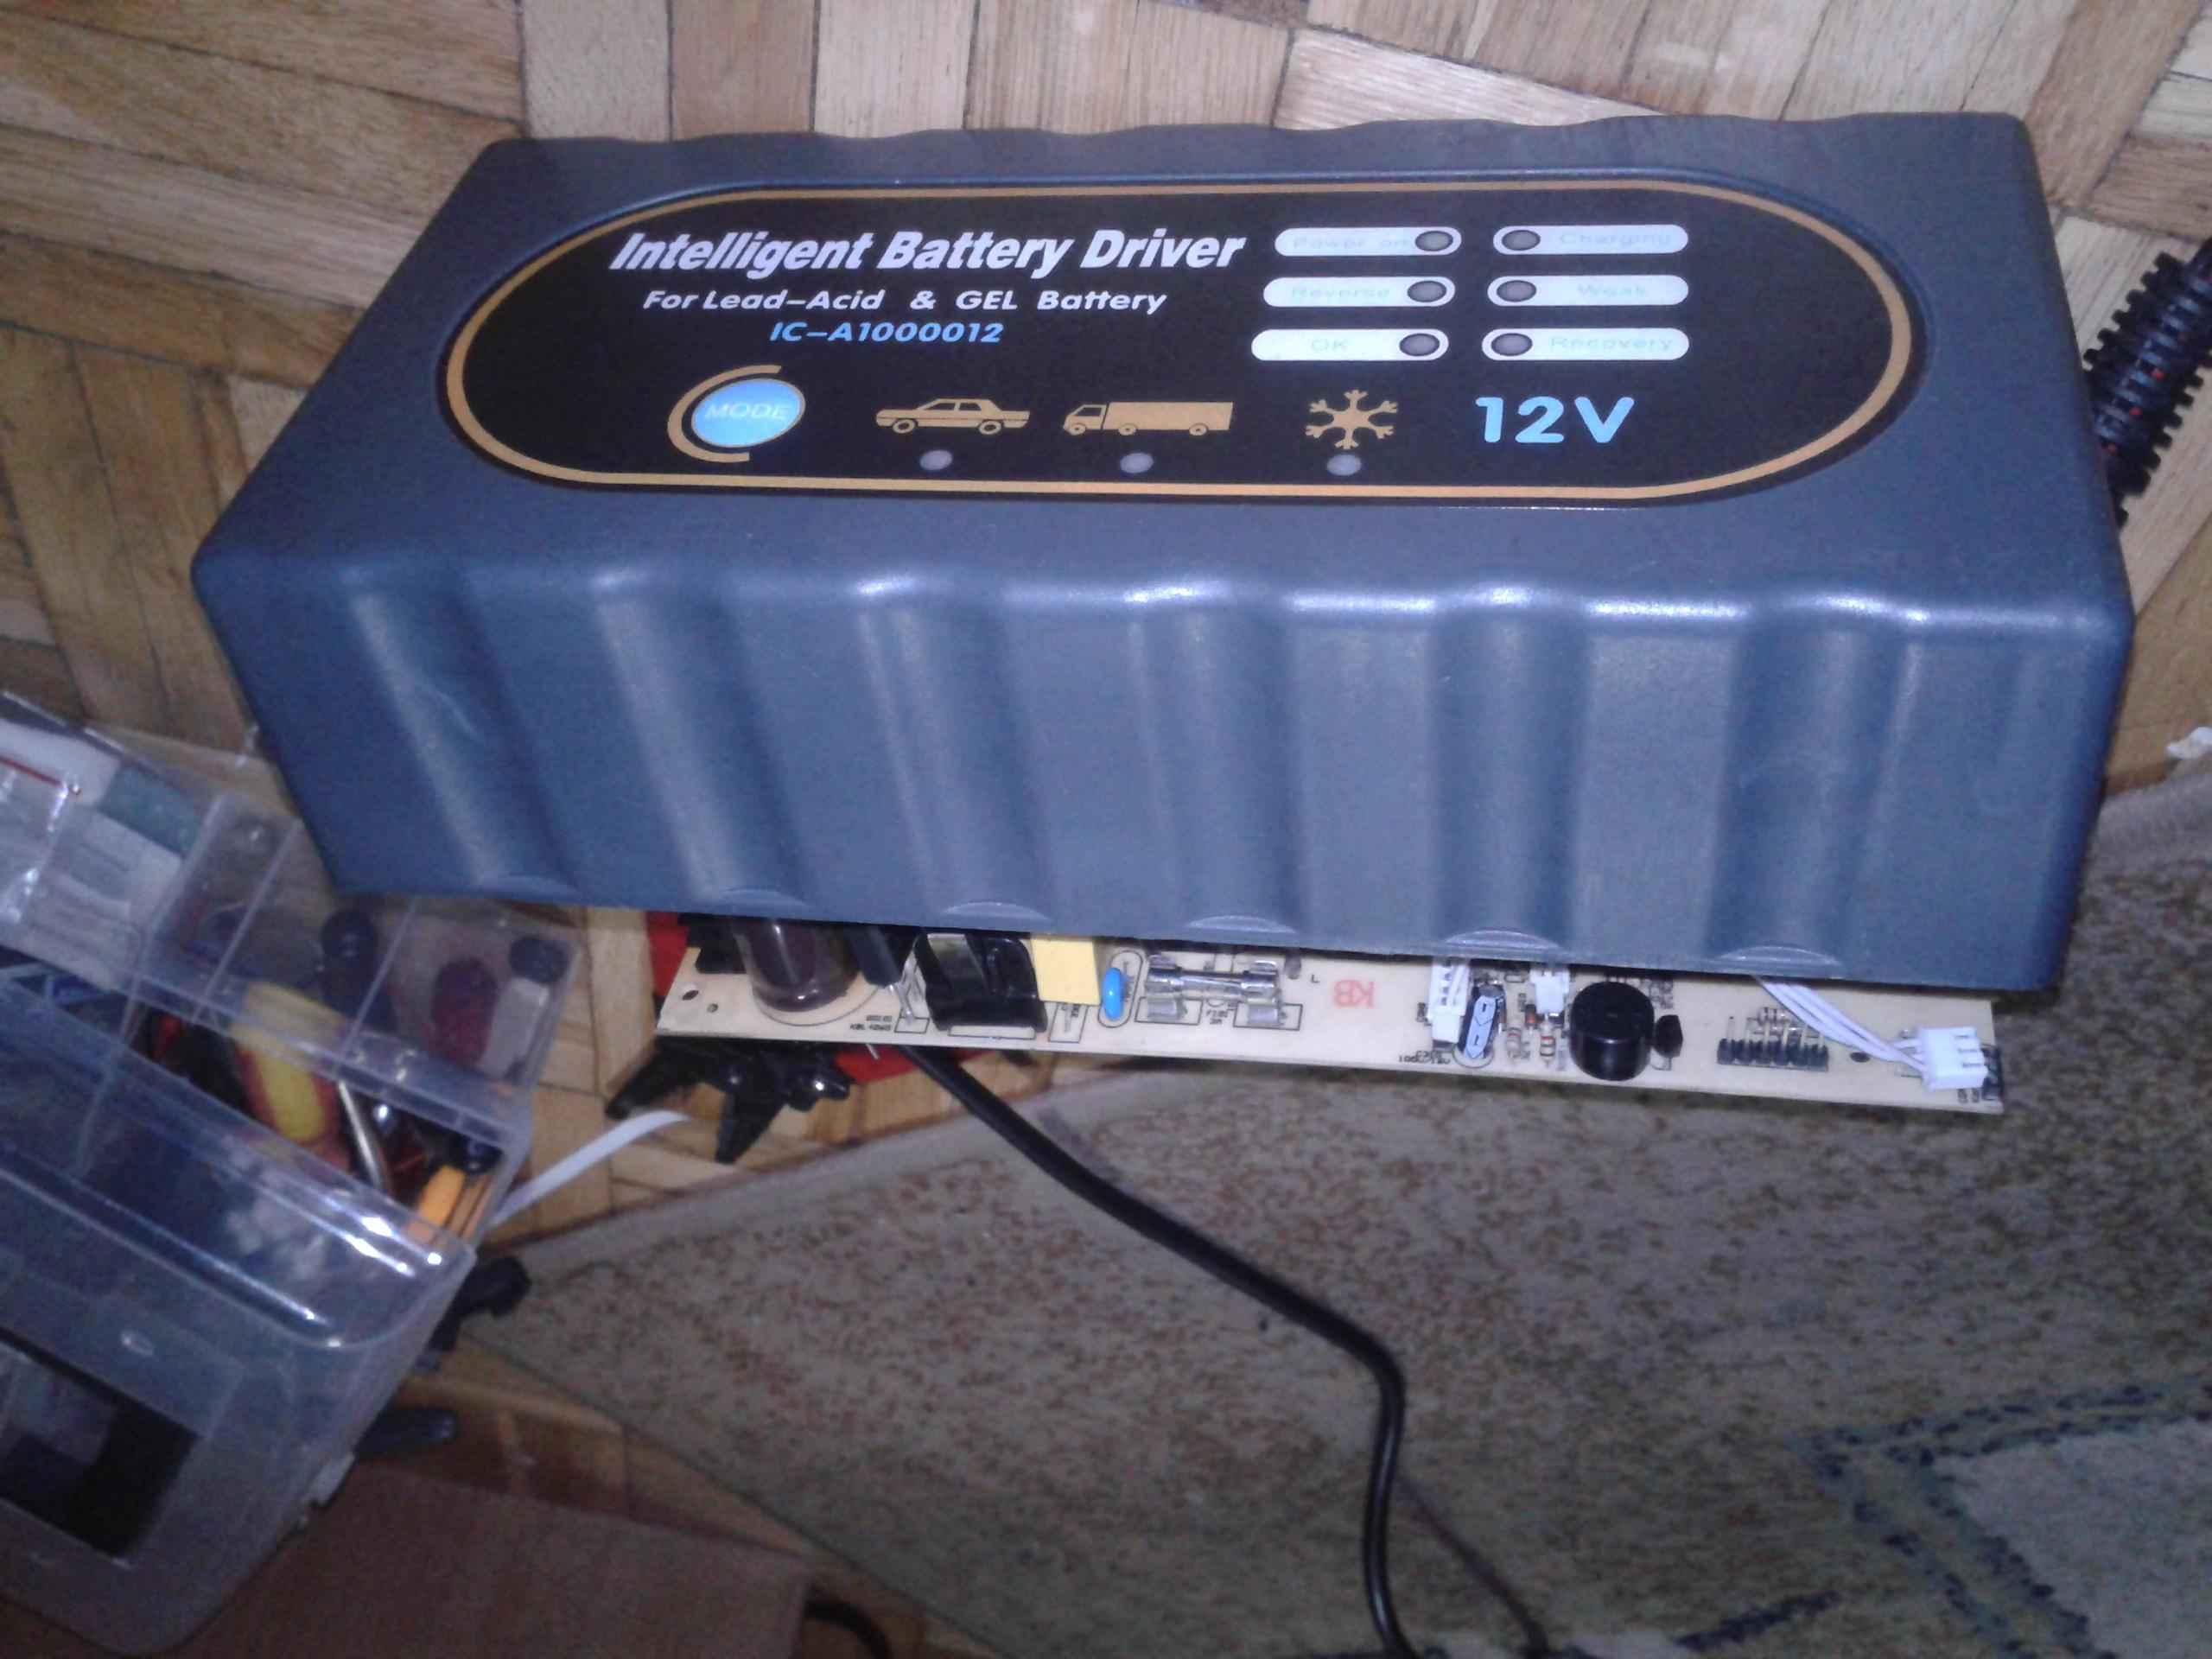 Inteligent Battery Driver 12V - Uszkodzona �adowarka akumulator�w kwasowych/�el